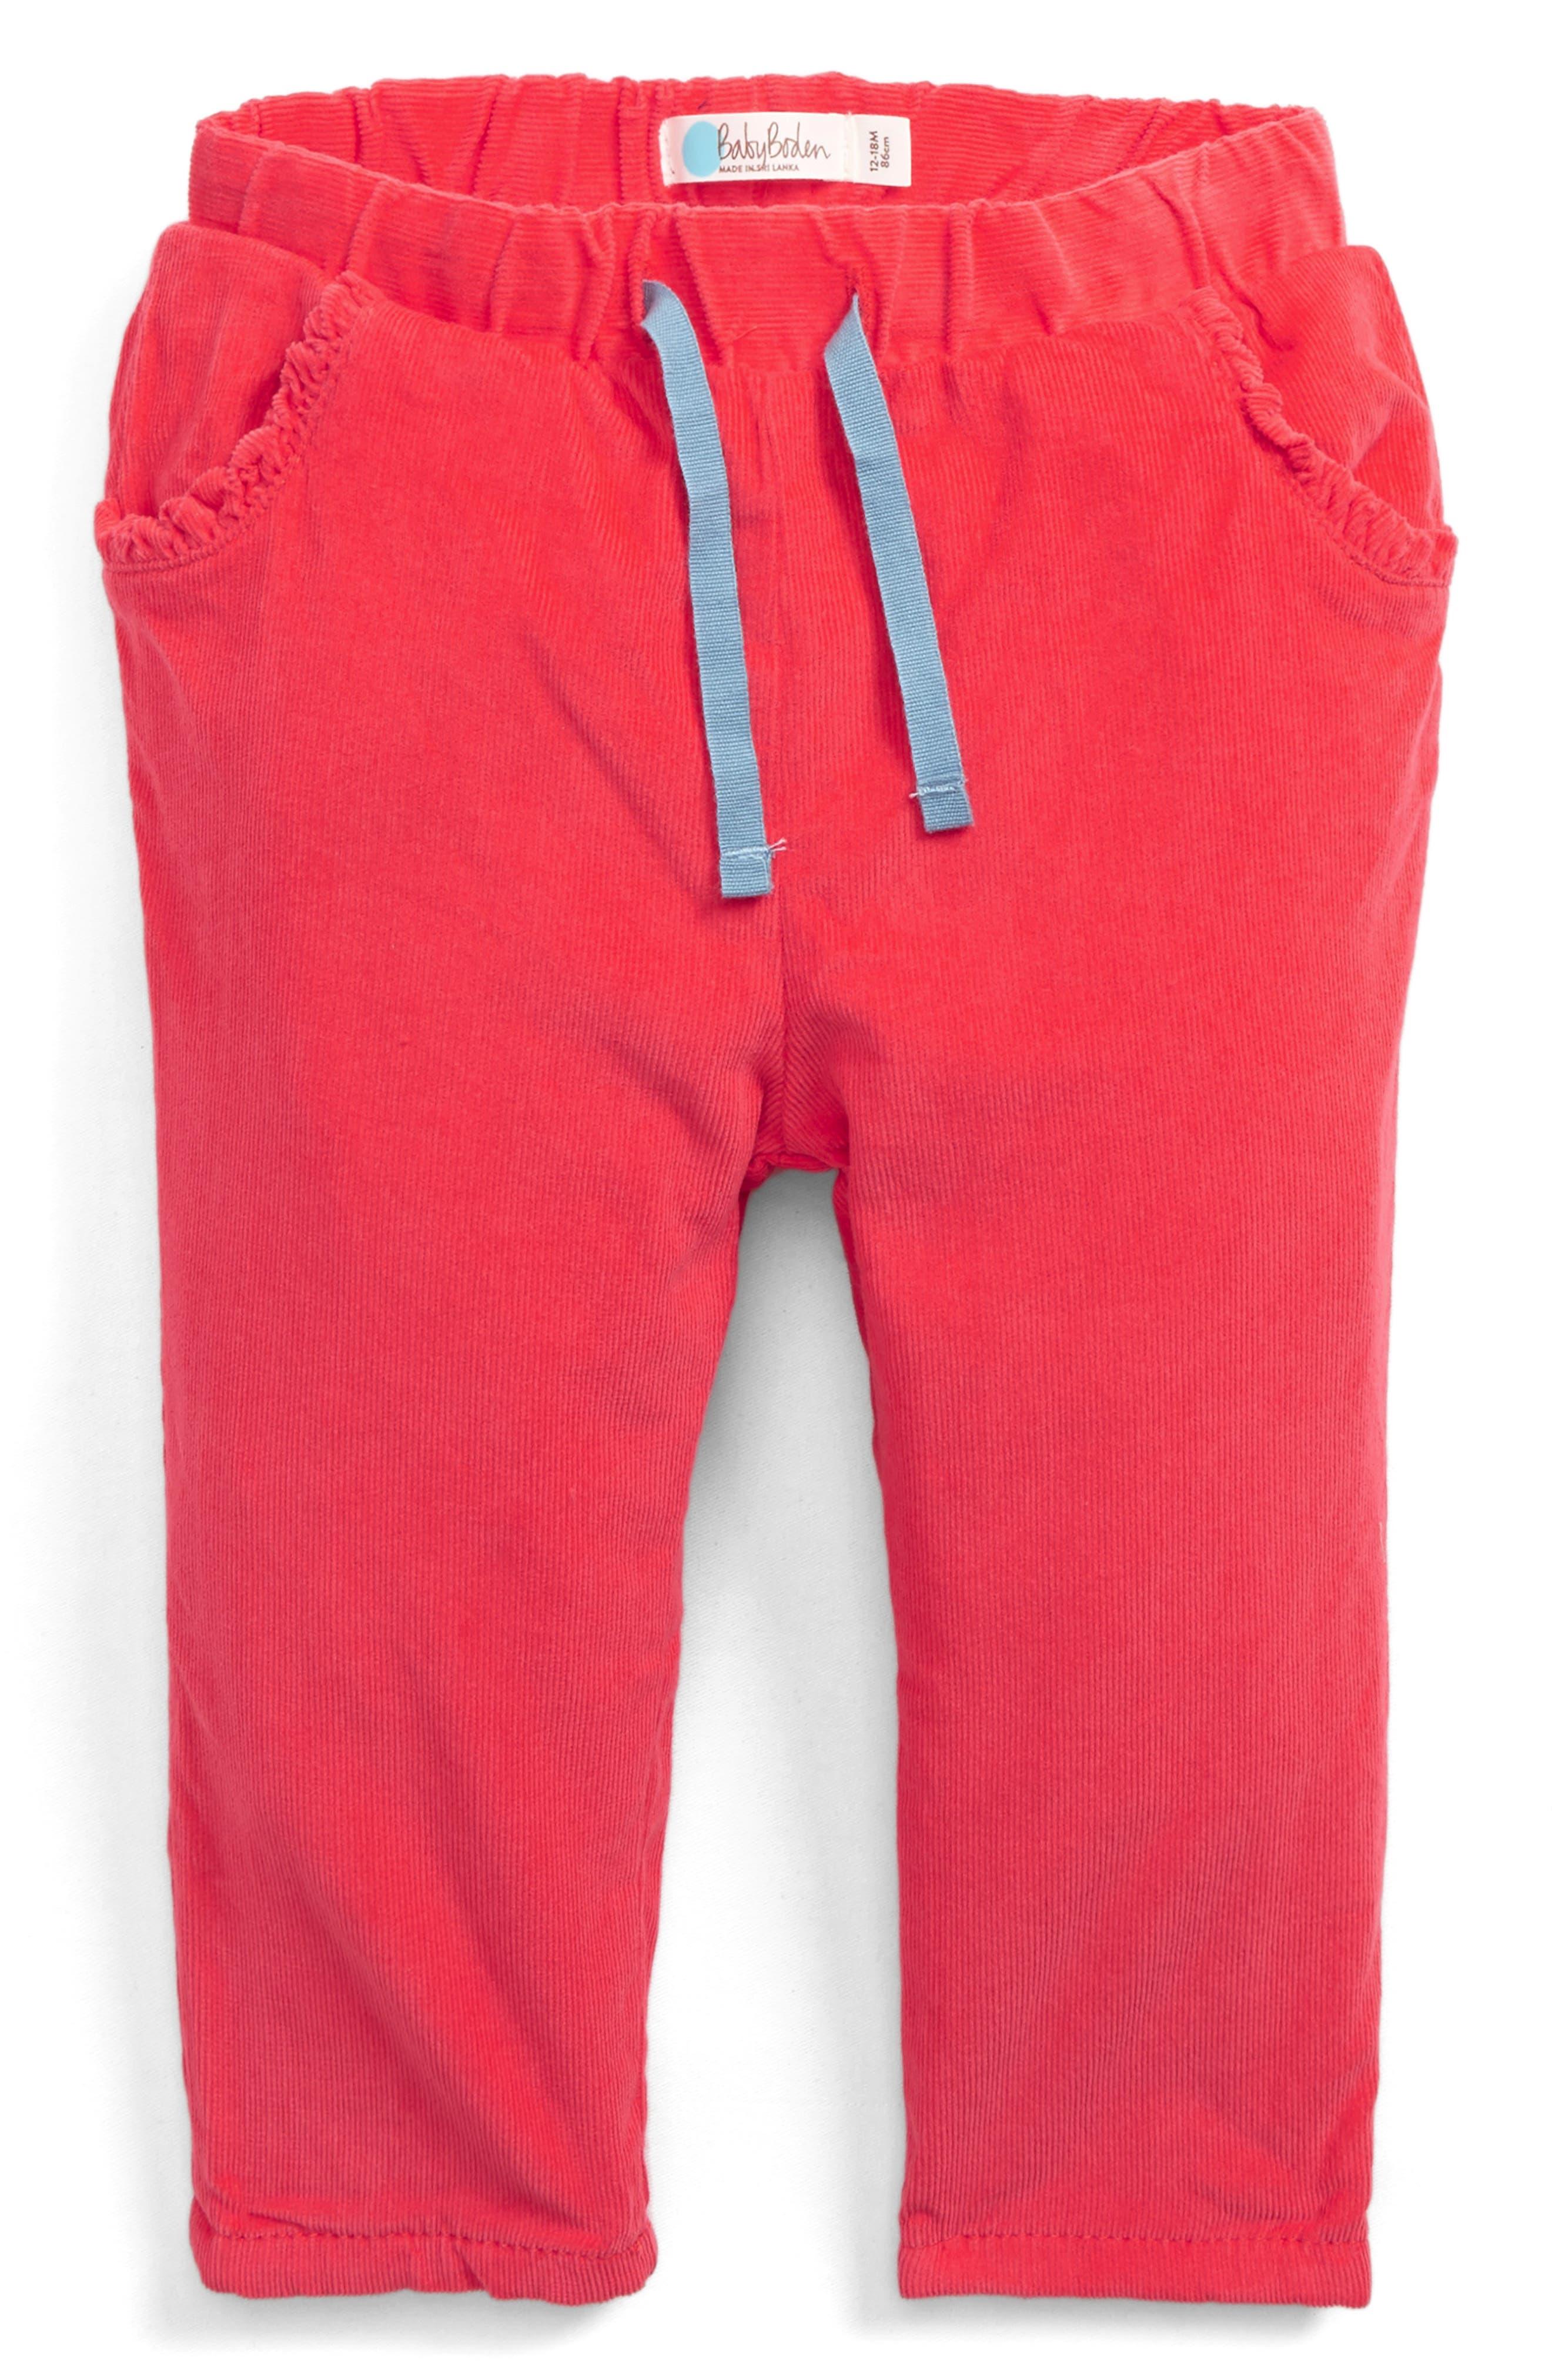 Main Image - Mini Boden Corduroy Pants (Baby Girls & Toddler Girls)